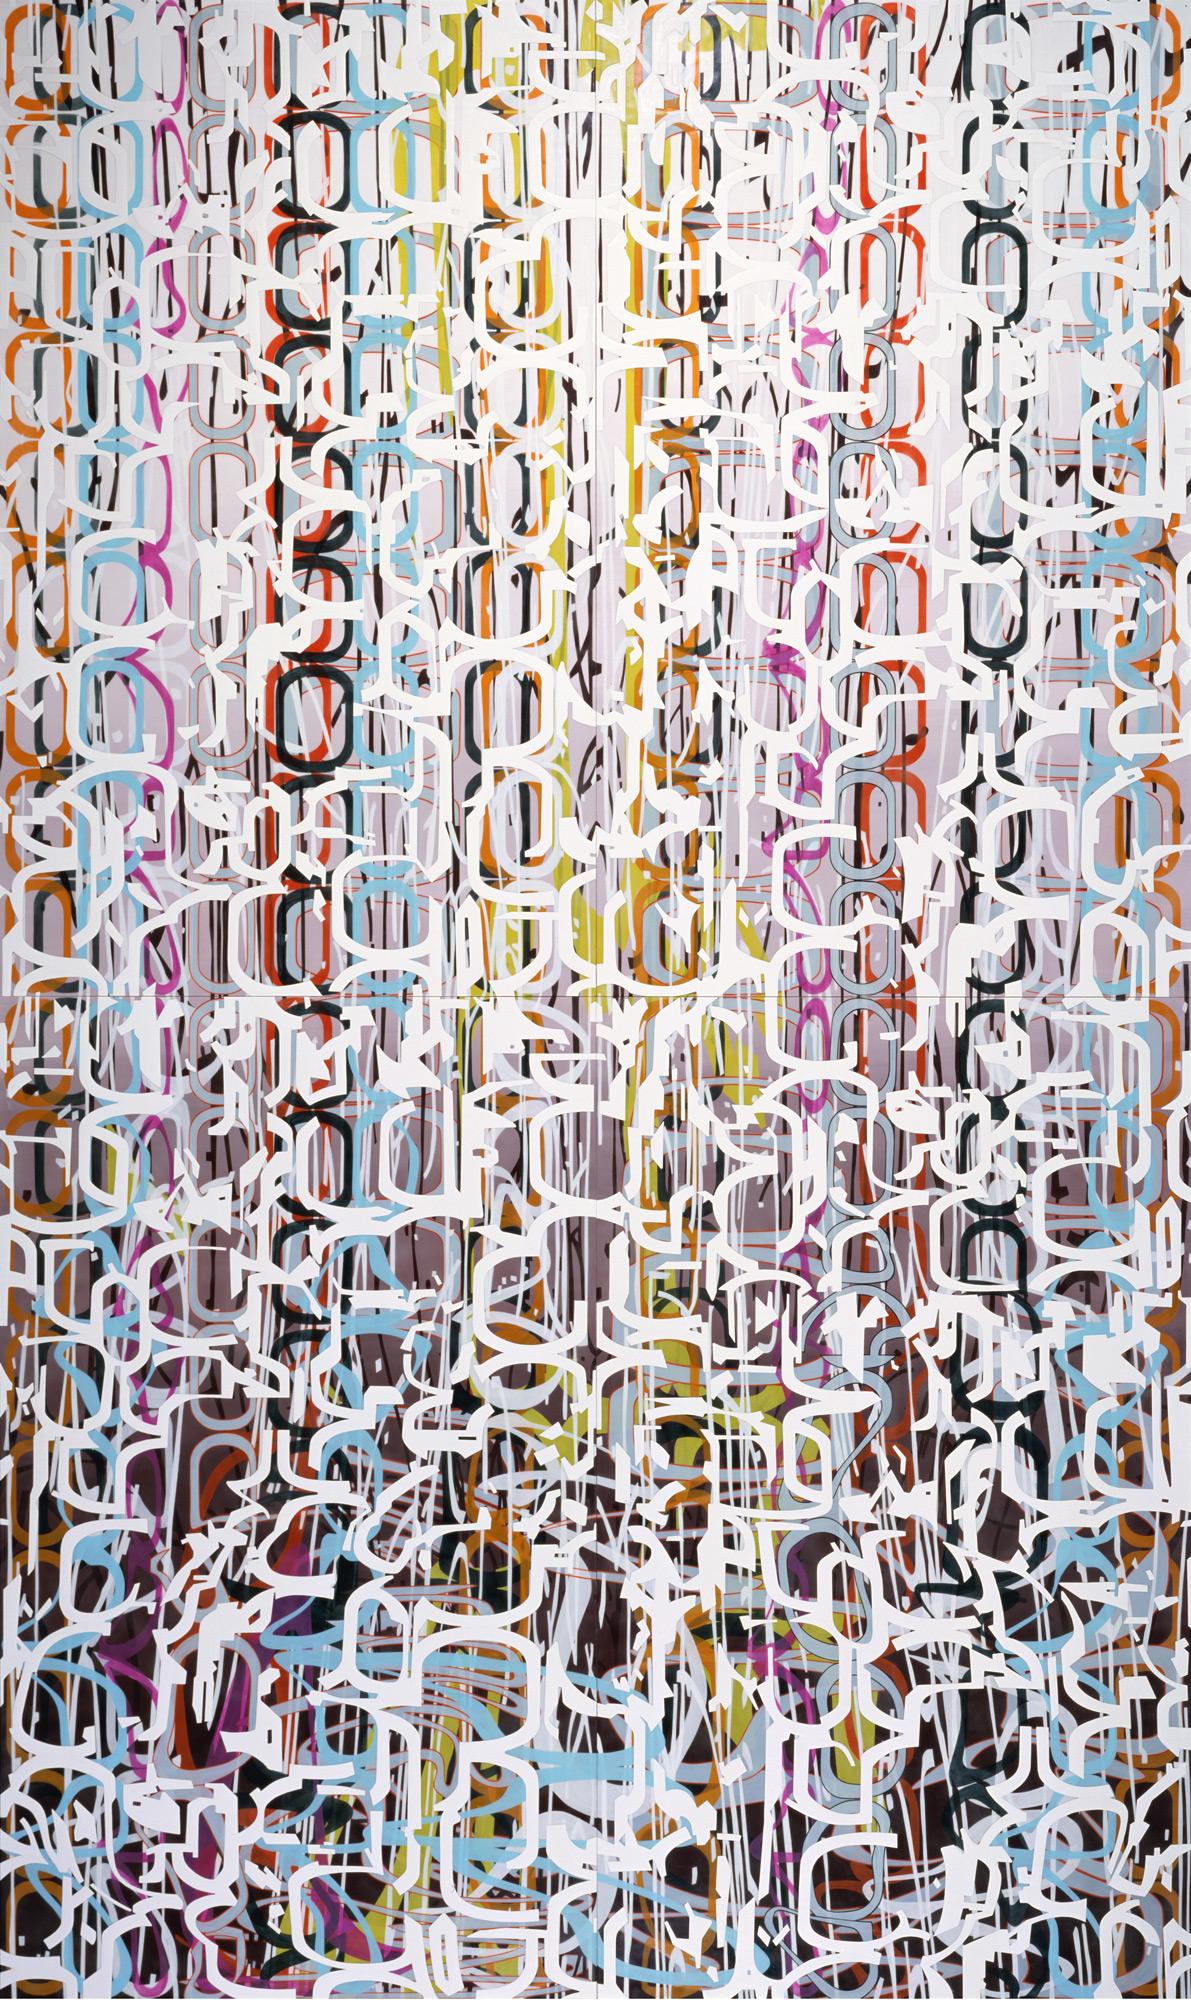 Variation/Mutation (cascade), 2008